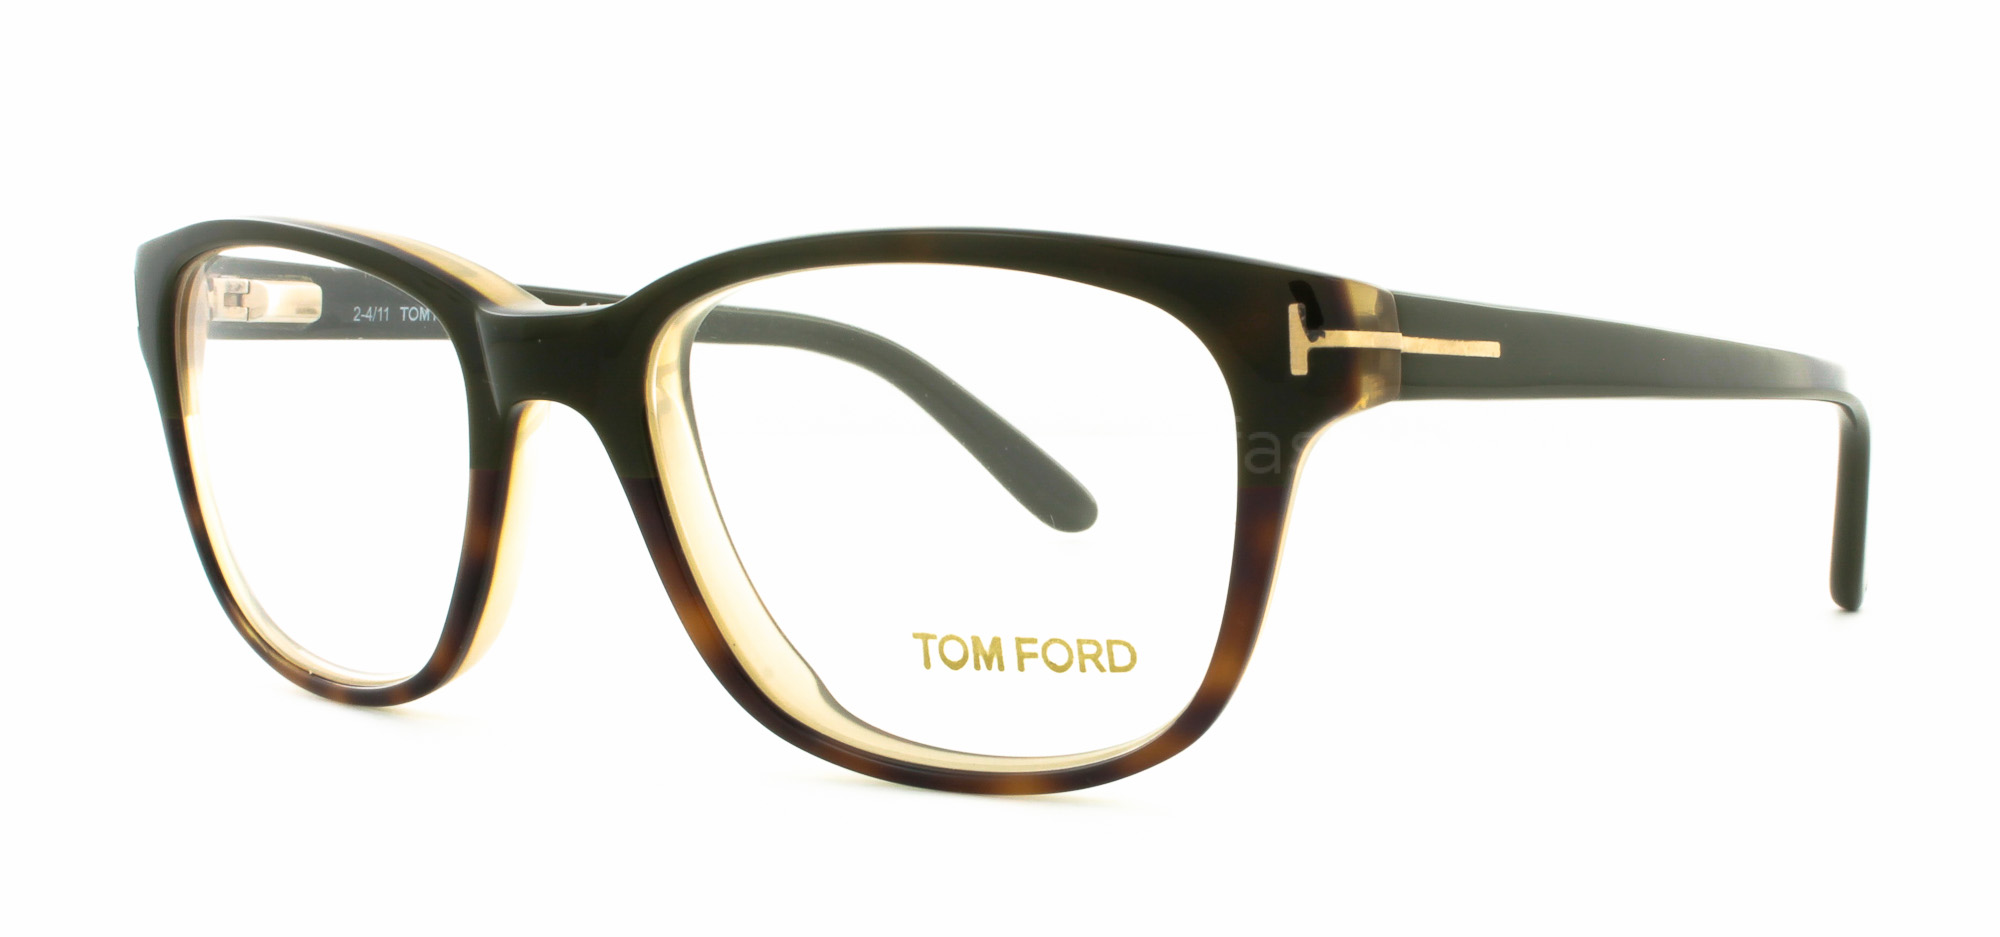 ad0e6fdca5e84 Tom Ford 5196 Eyeglasses